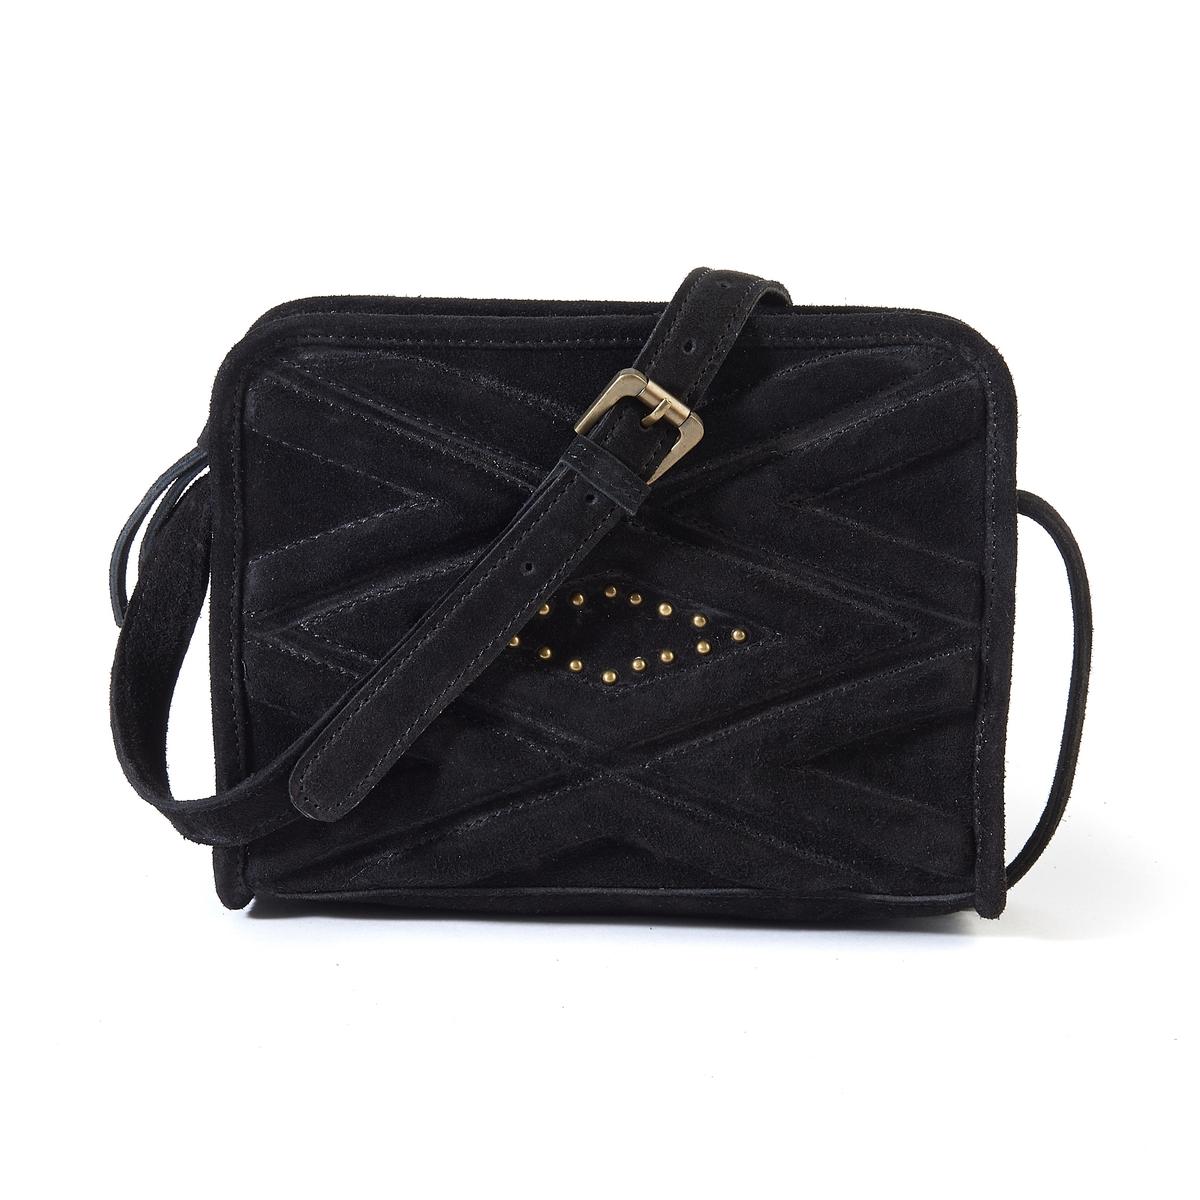 Сумка кожанаяОписание:Маленькая сумка с красивым графическим рисунком : идеально сочетается с джинсами или элегантным нарядом. Плечевой ремень в виде цепочки.Состав и описание :Материал верха  :  неотделанная кожа (яловичная)Подкладка : текстиль.Размеры :  Ш22 x В17 x Г7 смЗастежка : на молнию Внутренний карман : 1 карман для мобильного телефона Плечевой ремень : регулируемый, несъемный Носить : на плече или в руках<br><br>Цвет: темно-бежевый,черный